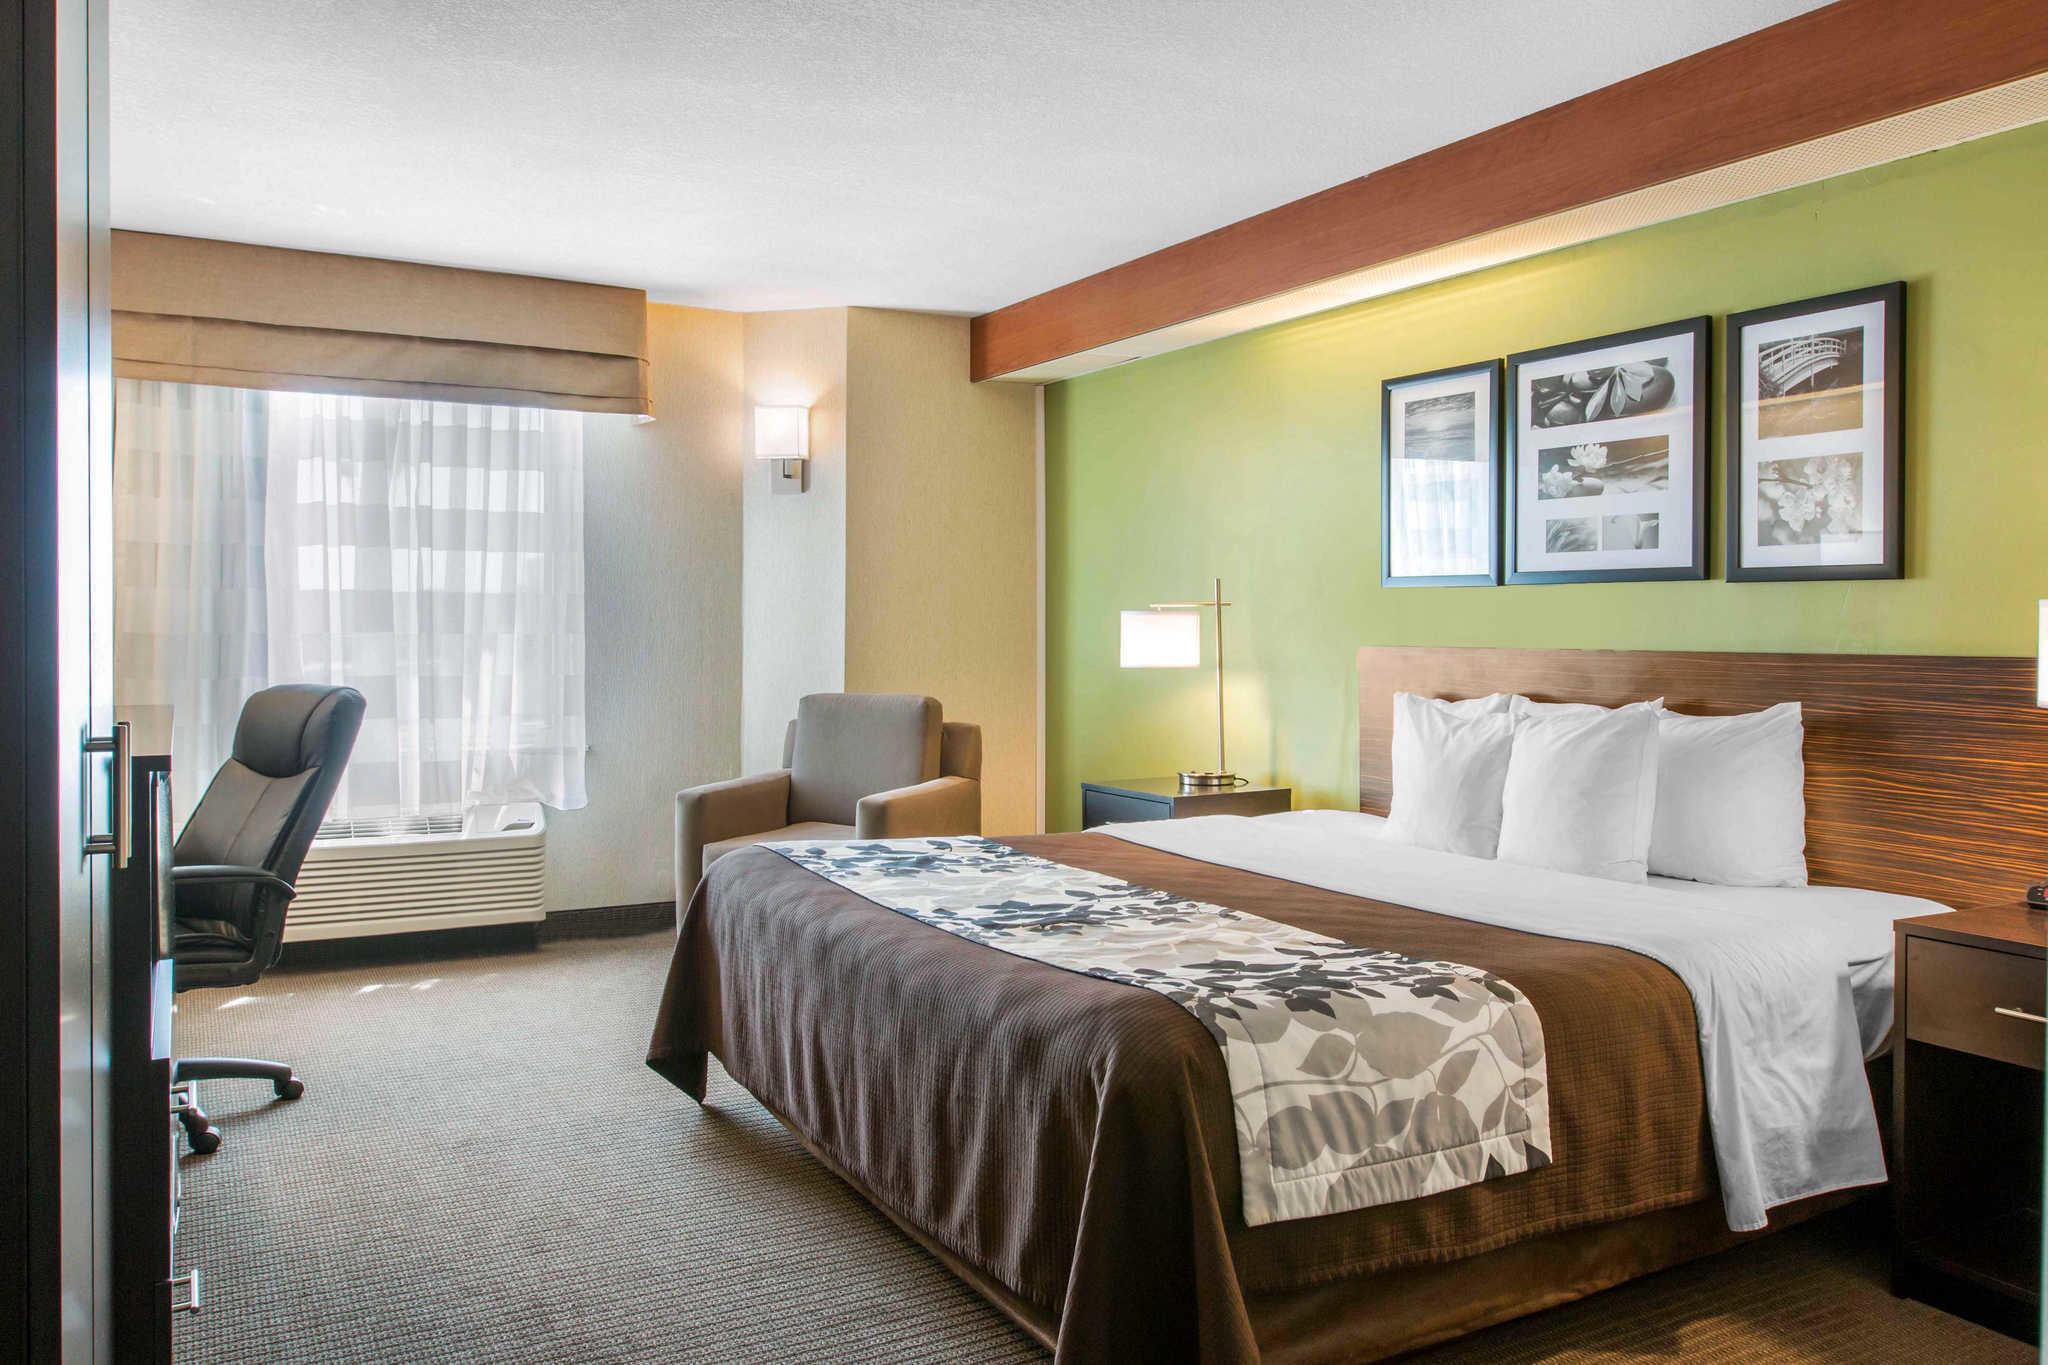 Sleep Inn & Suites image 10